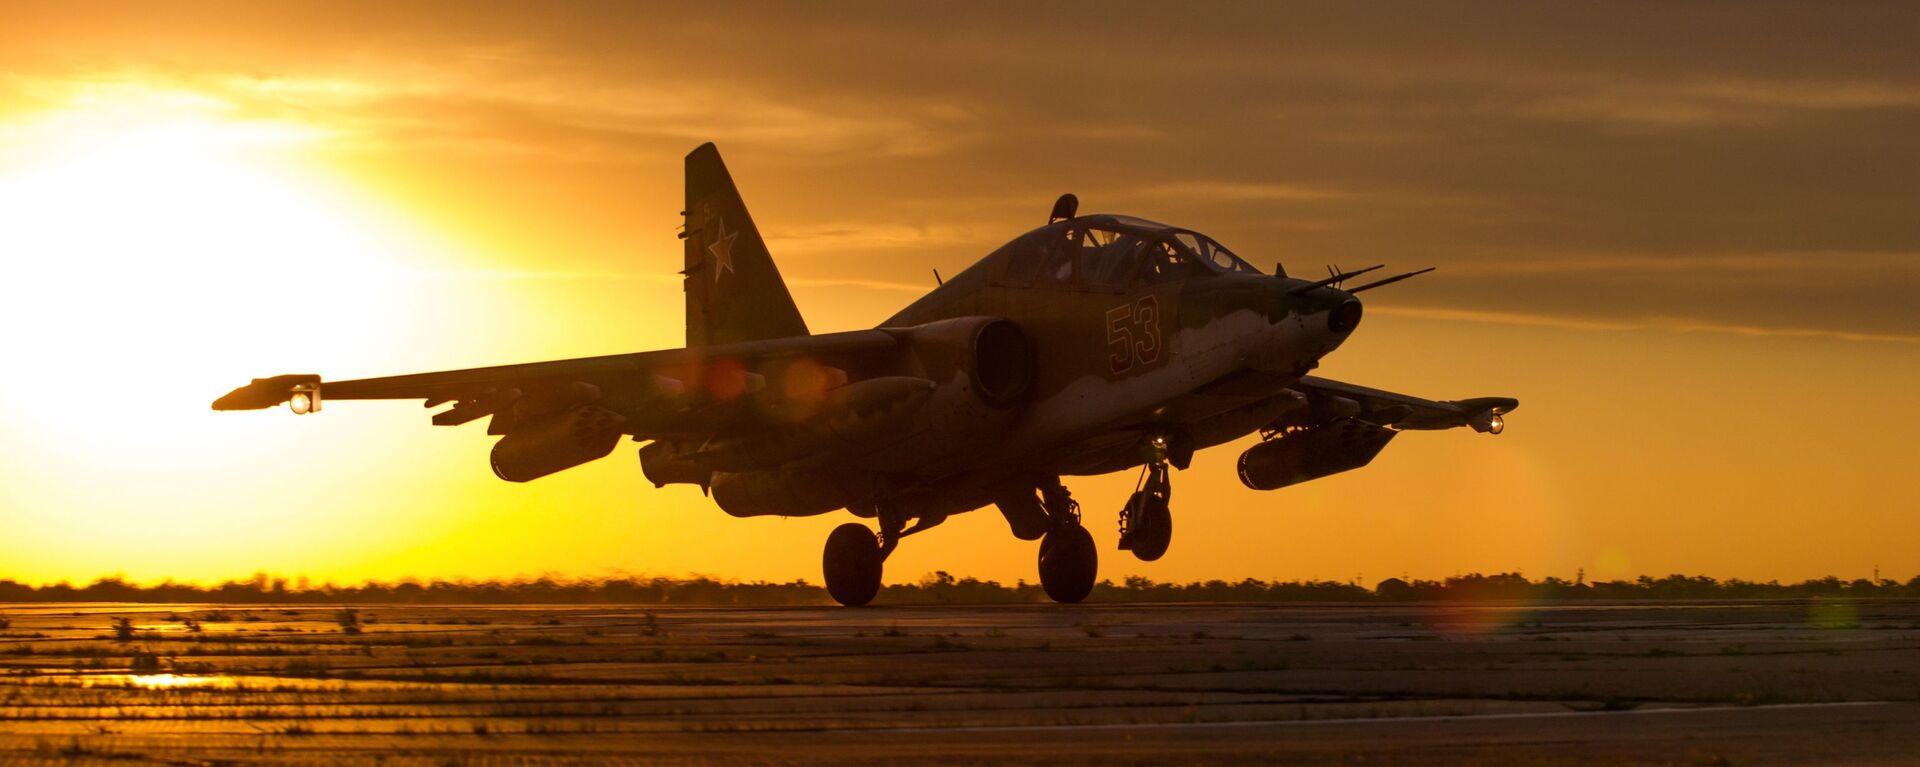 Летно-специальная подготовка экипажей штурмовиков Су-25СМ3 в Приморско-Ахтарске - Sputnik Таджикистан, 1920, 11.03.2021